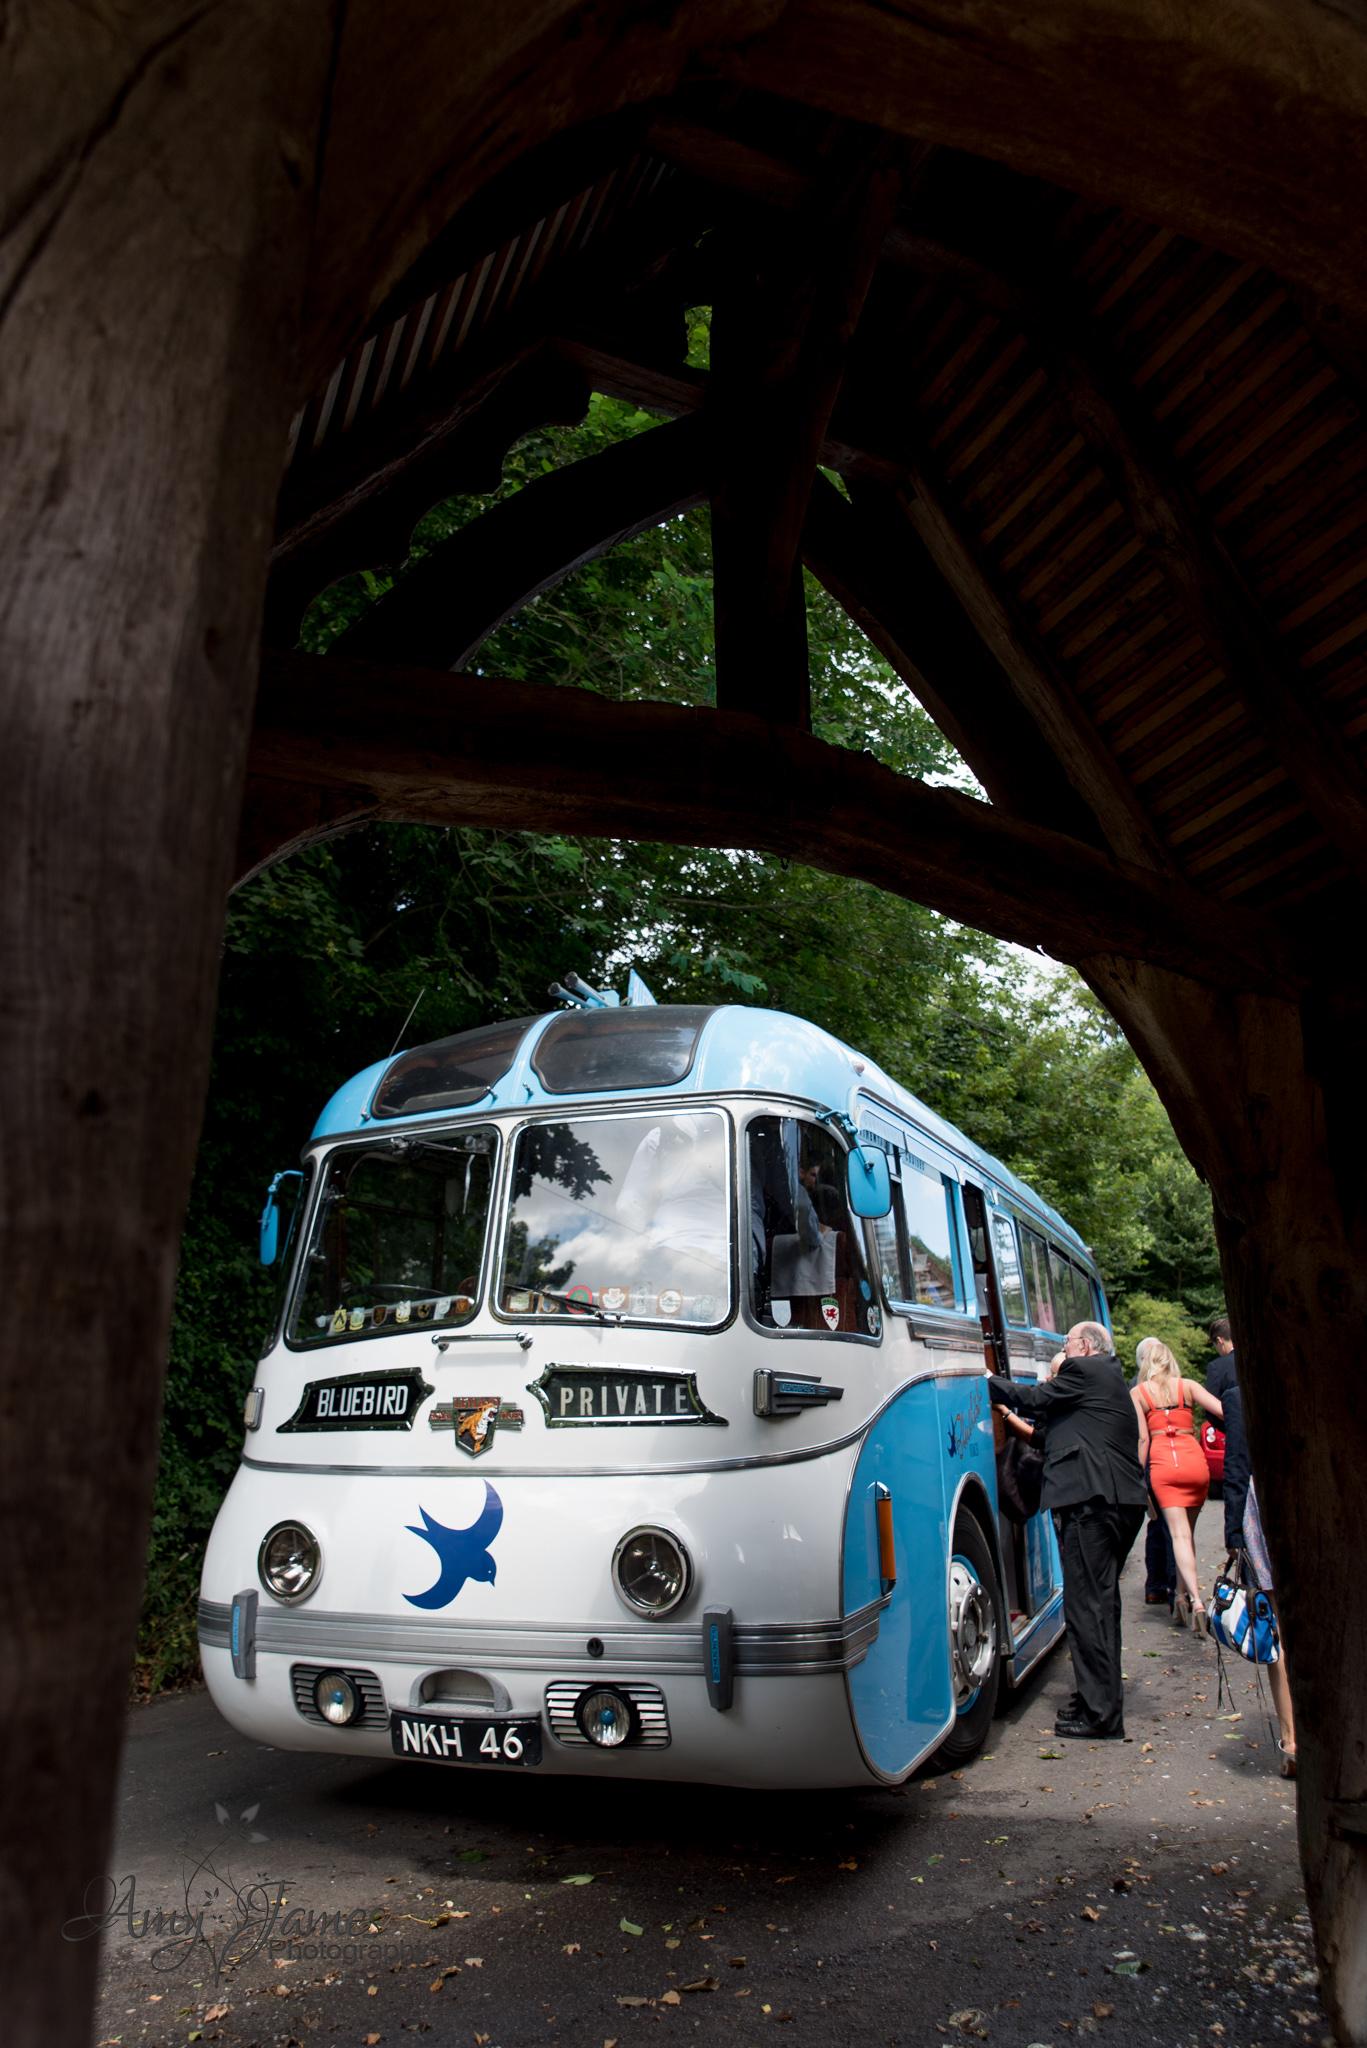 Hampshire wedding photographer // Fleet wedding photographer // Kent wedding // Countryside wedding // Wedding bus